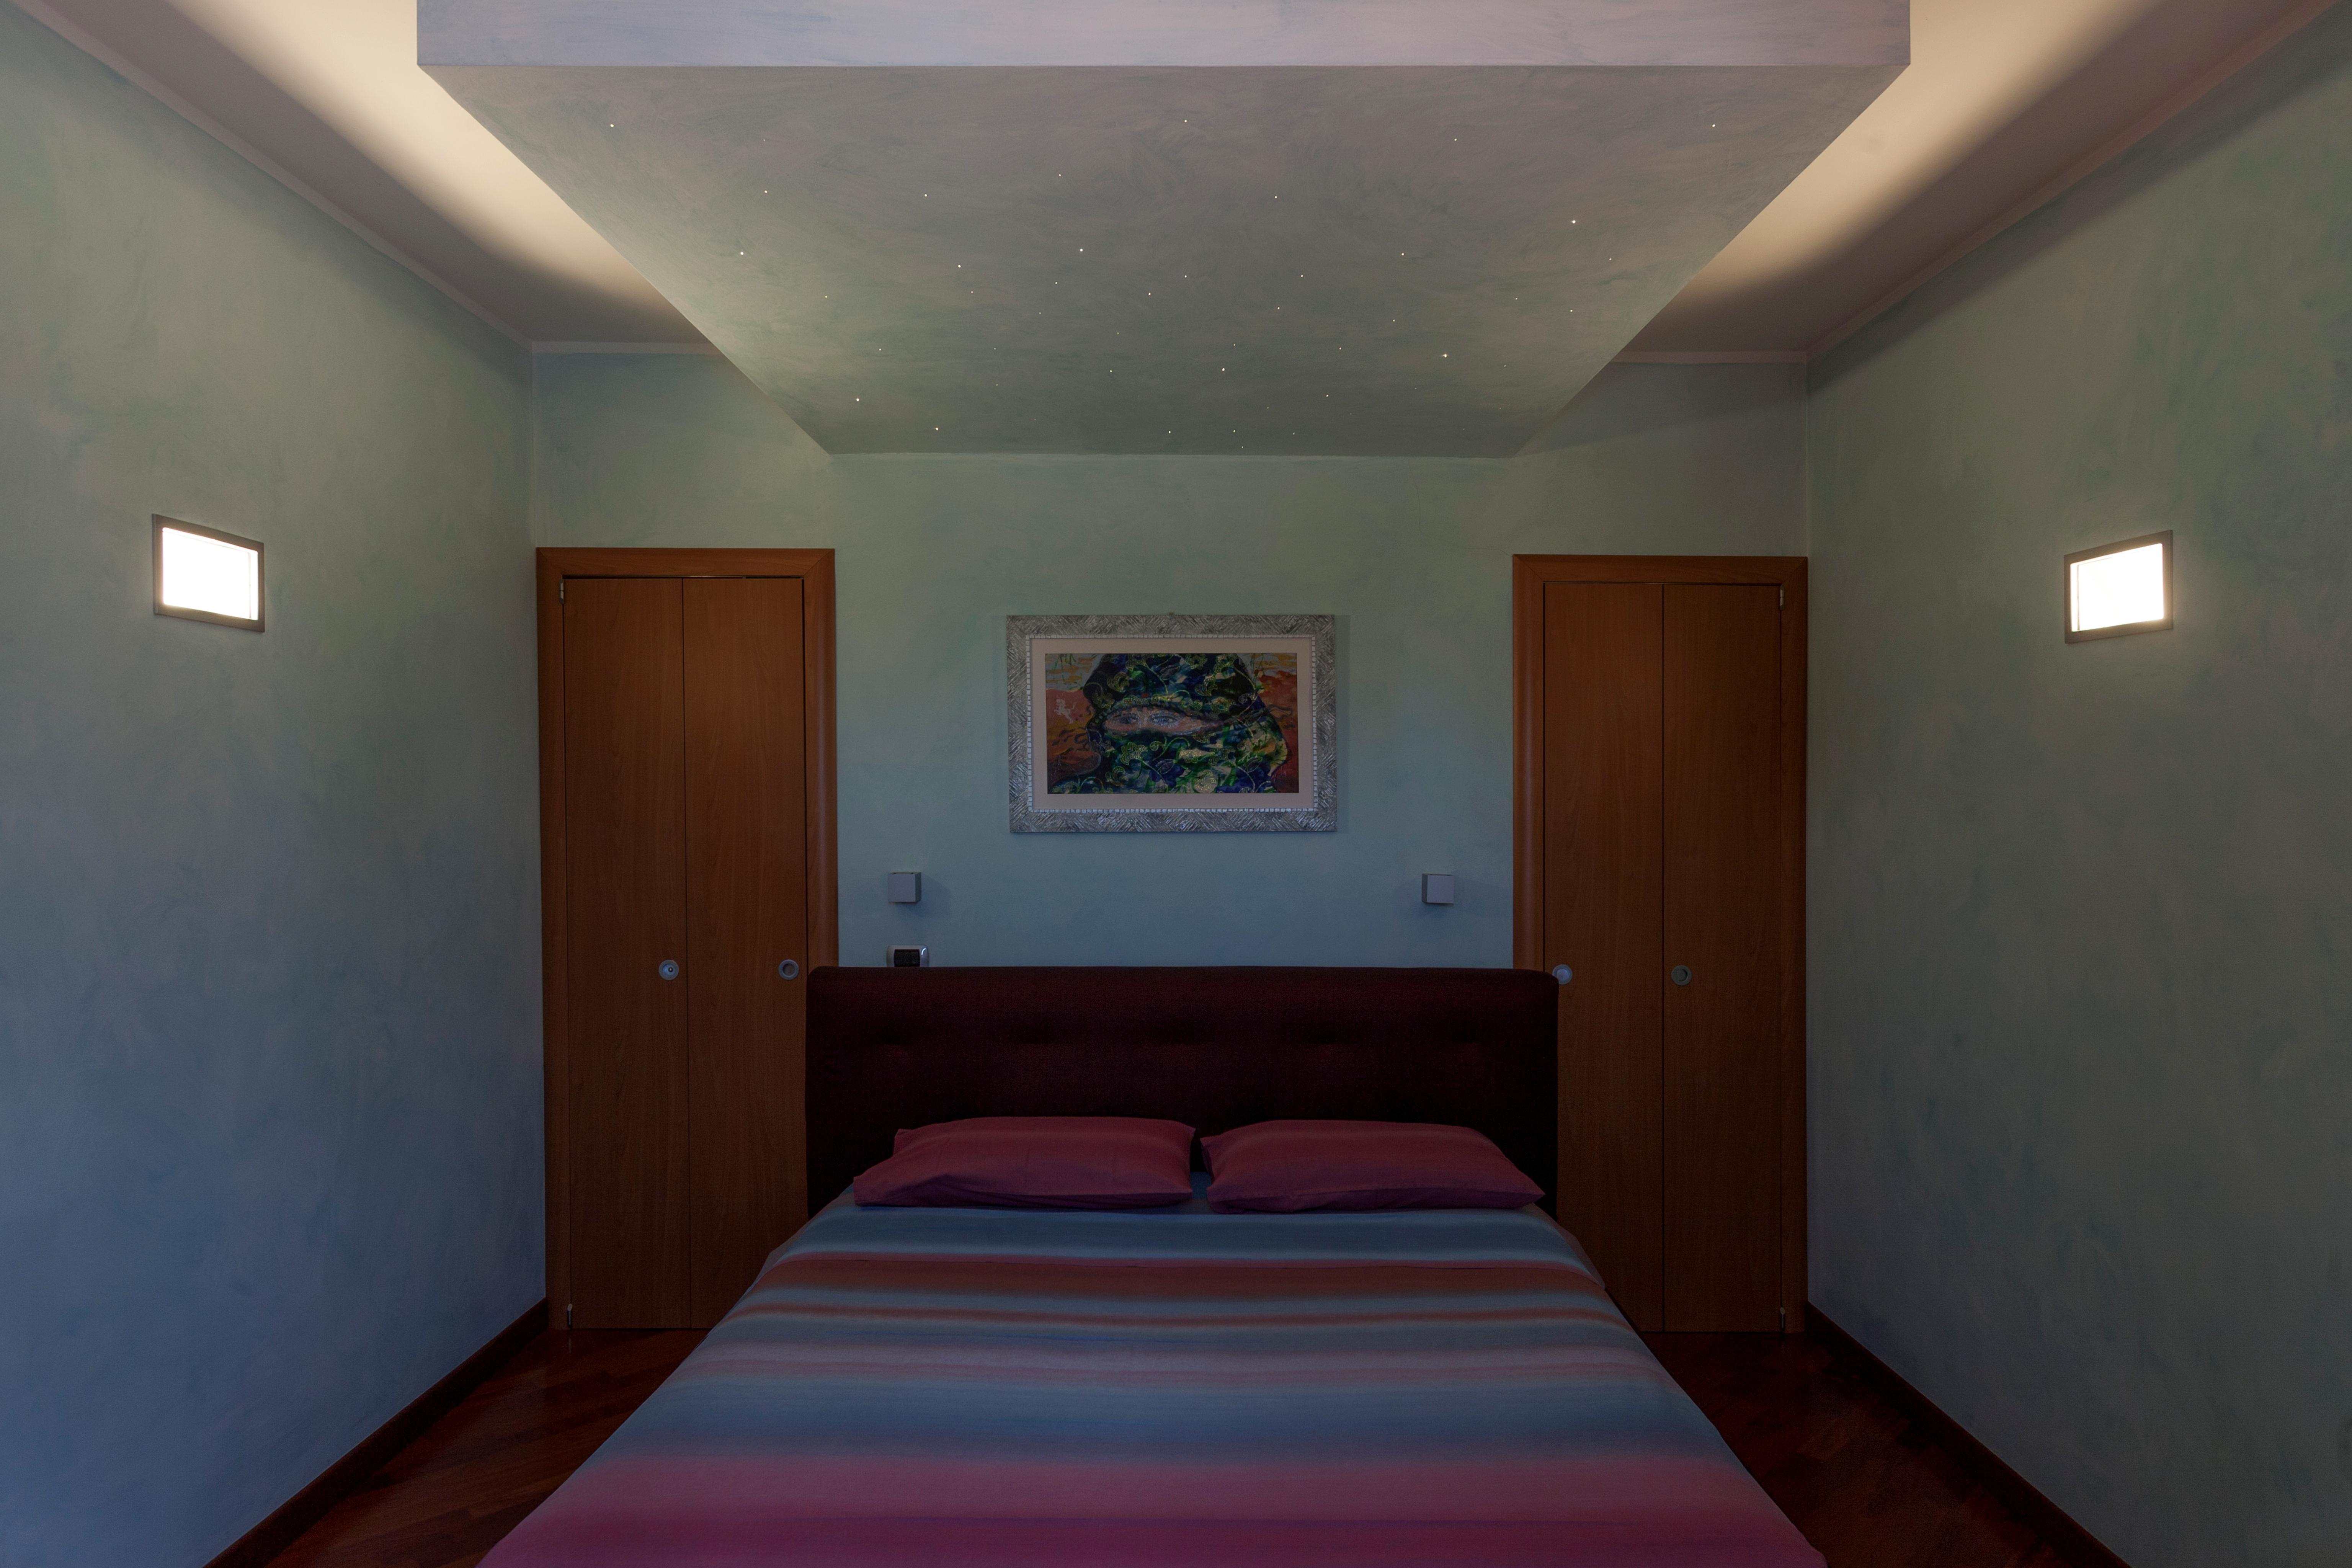 Ferienhaus Villa Cometa - Lebende Mode - (2599033), Casaleggio Novara, Novara, Piemont, Italien, Bild 16